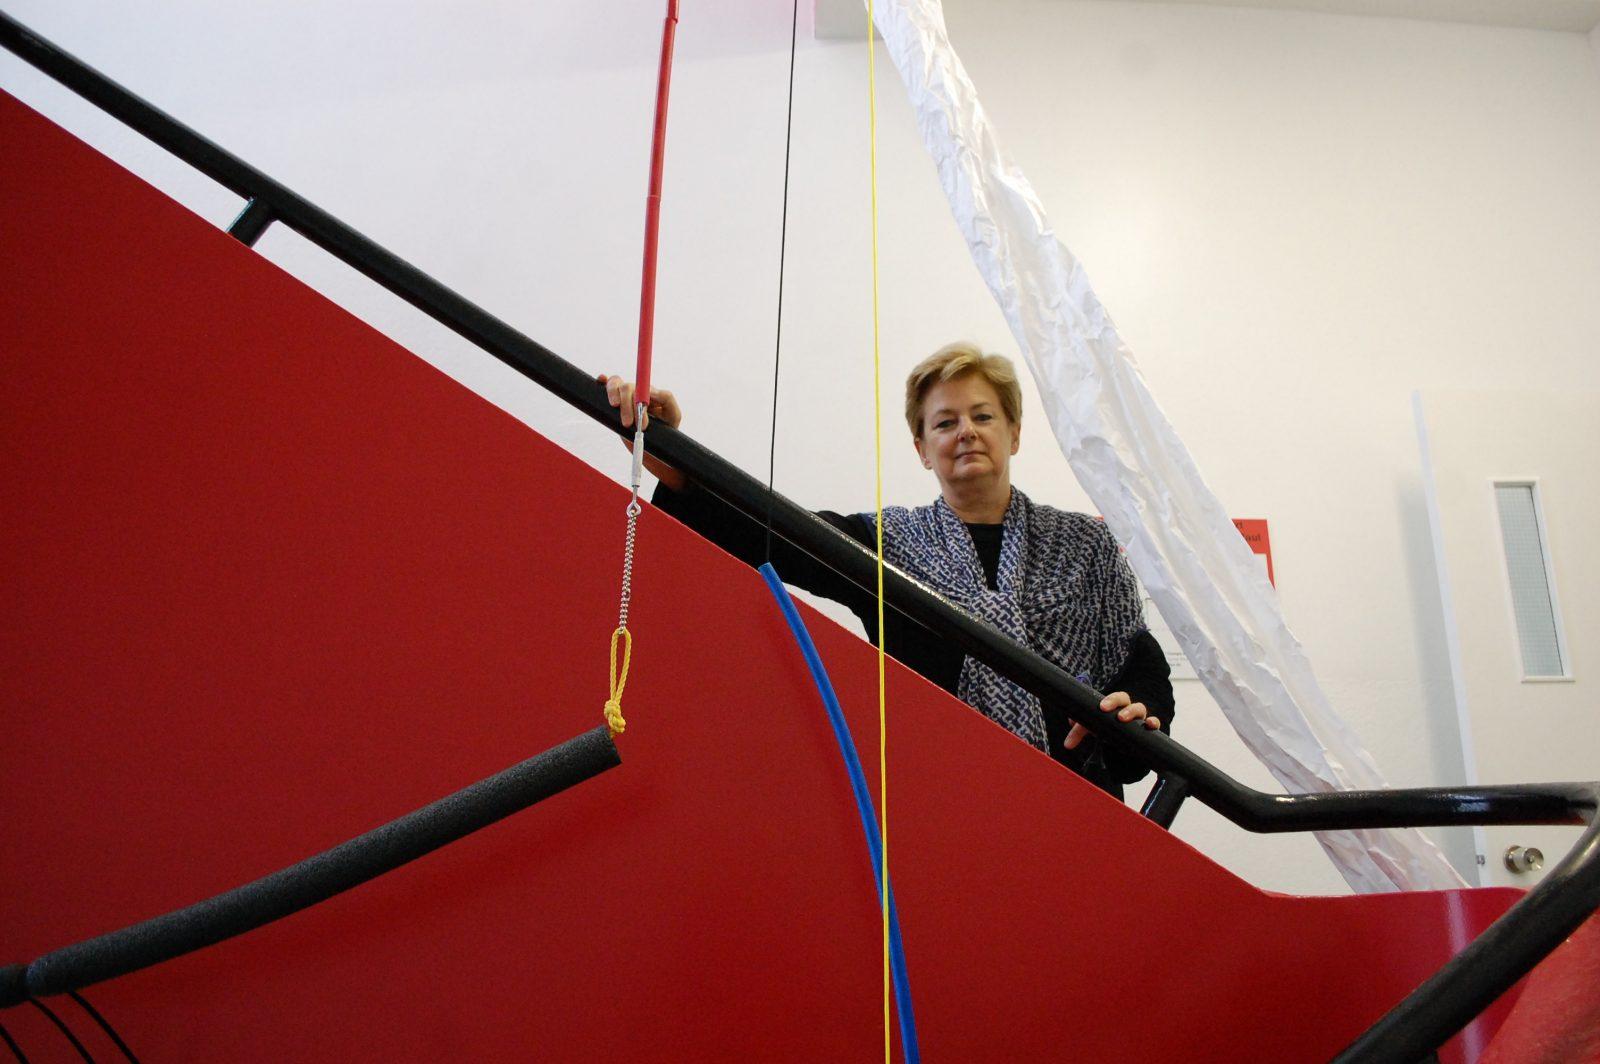 COVID-19: Au tour du Symposium international d'art contemporain de Baie-Saint-Paul de tomber